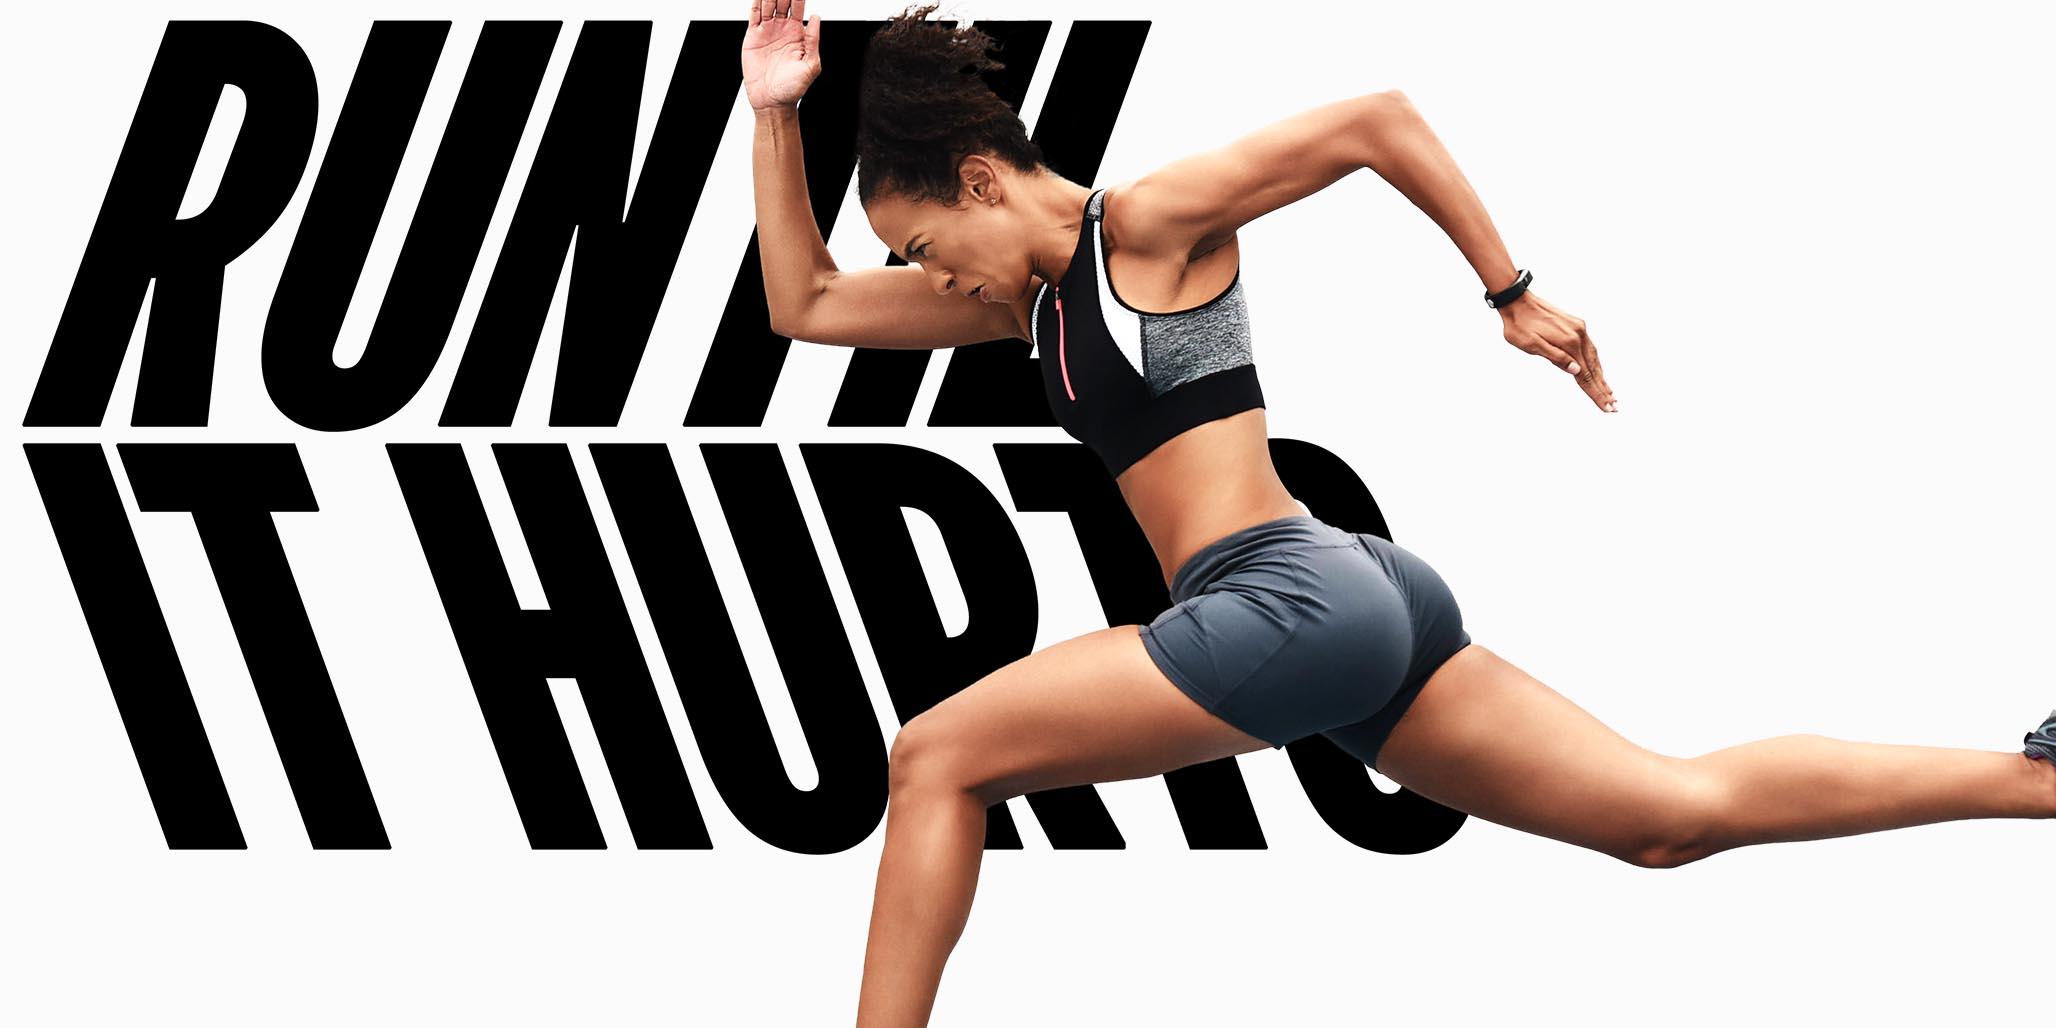 Brand identity design for Rileys Gym by Australian branding agency, Percept, image N